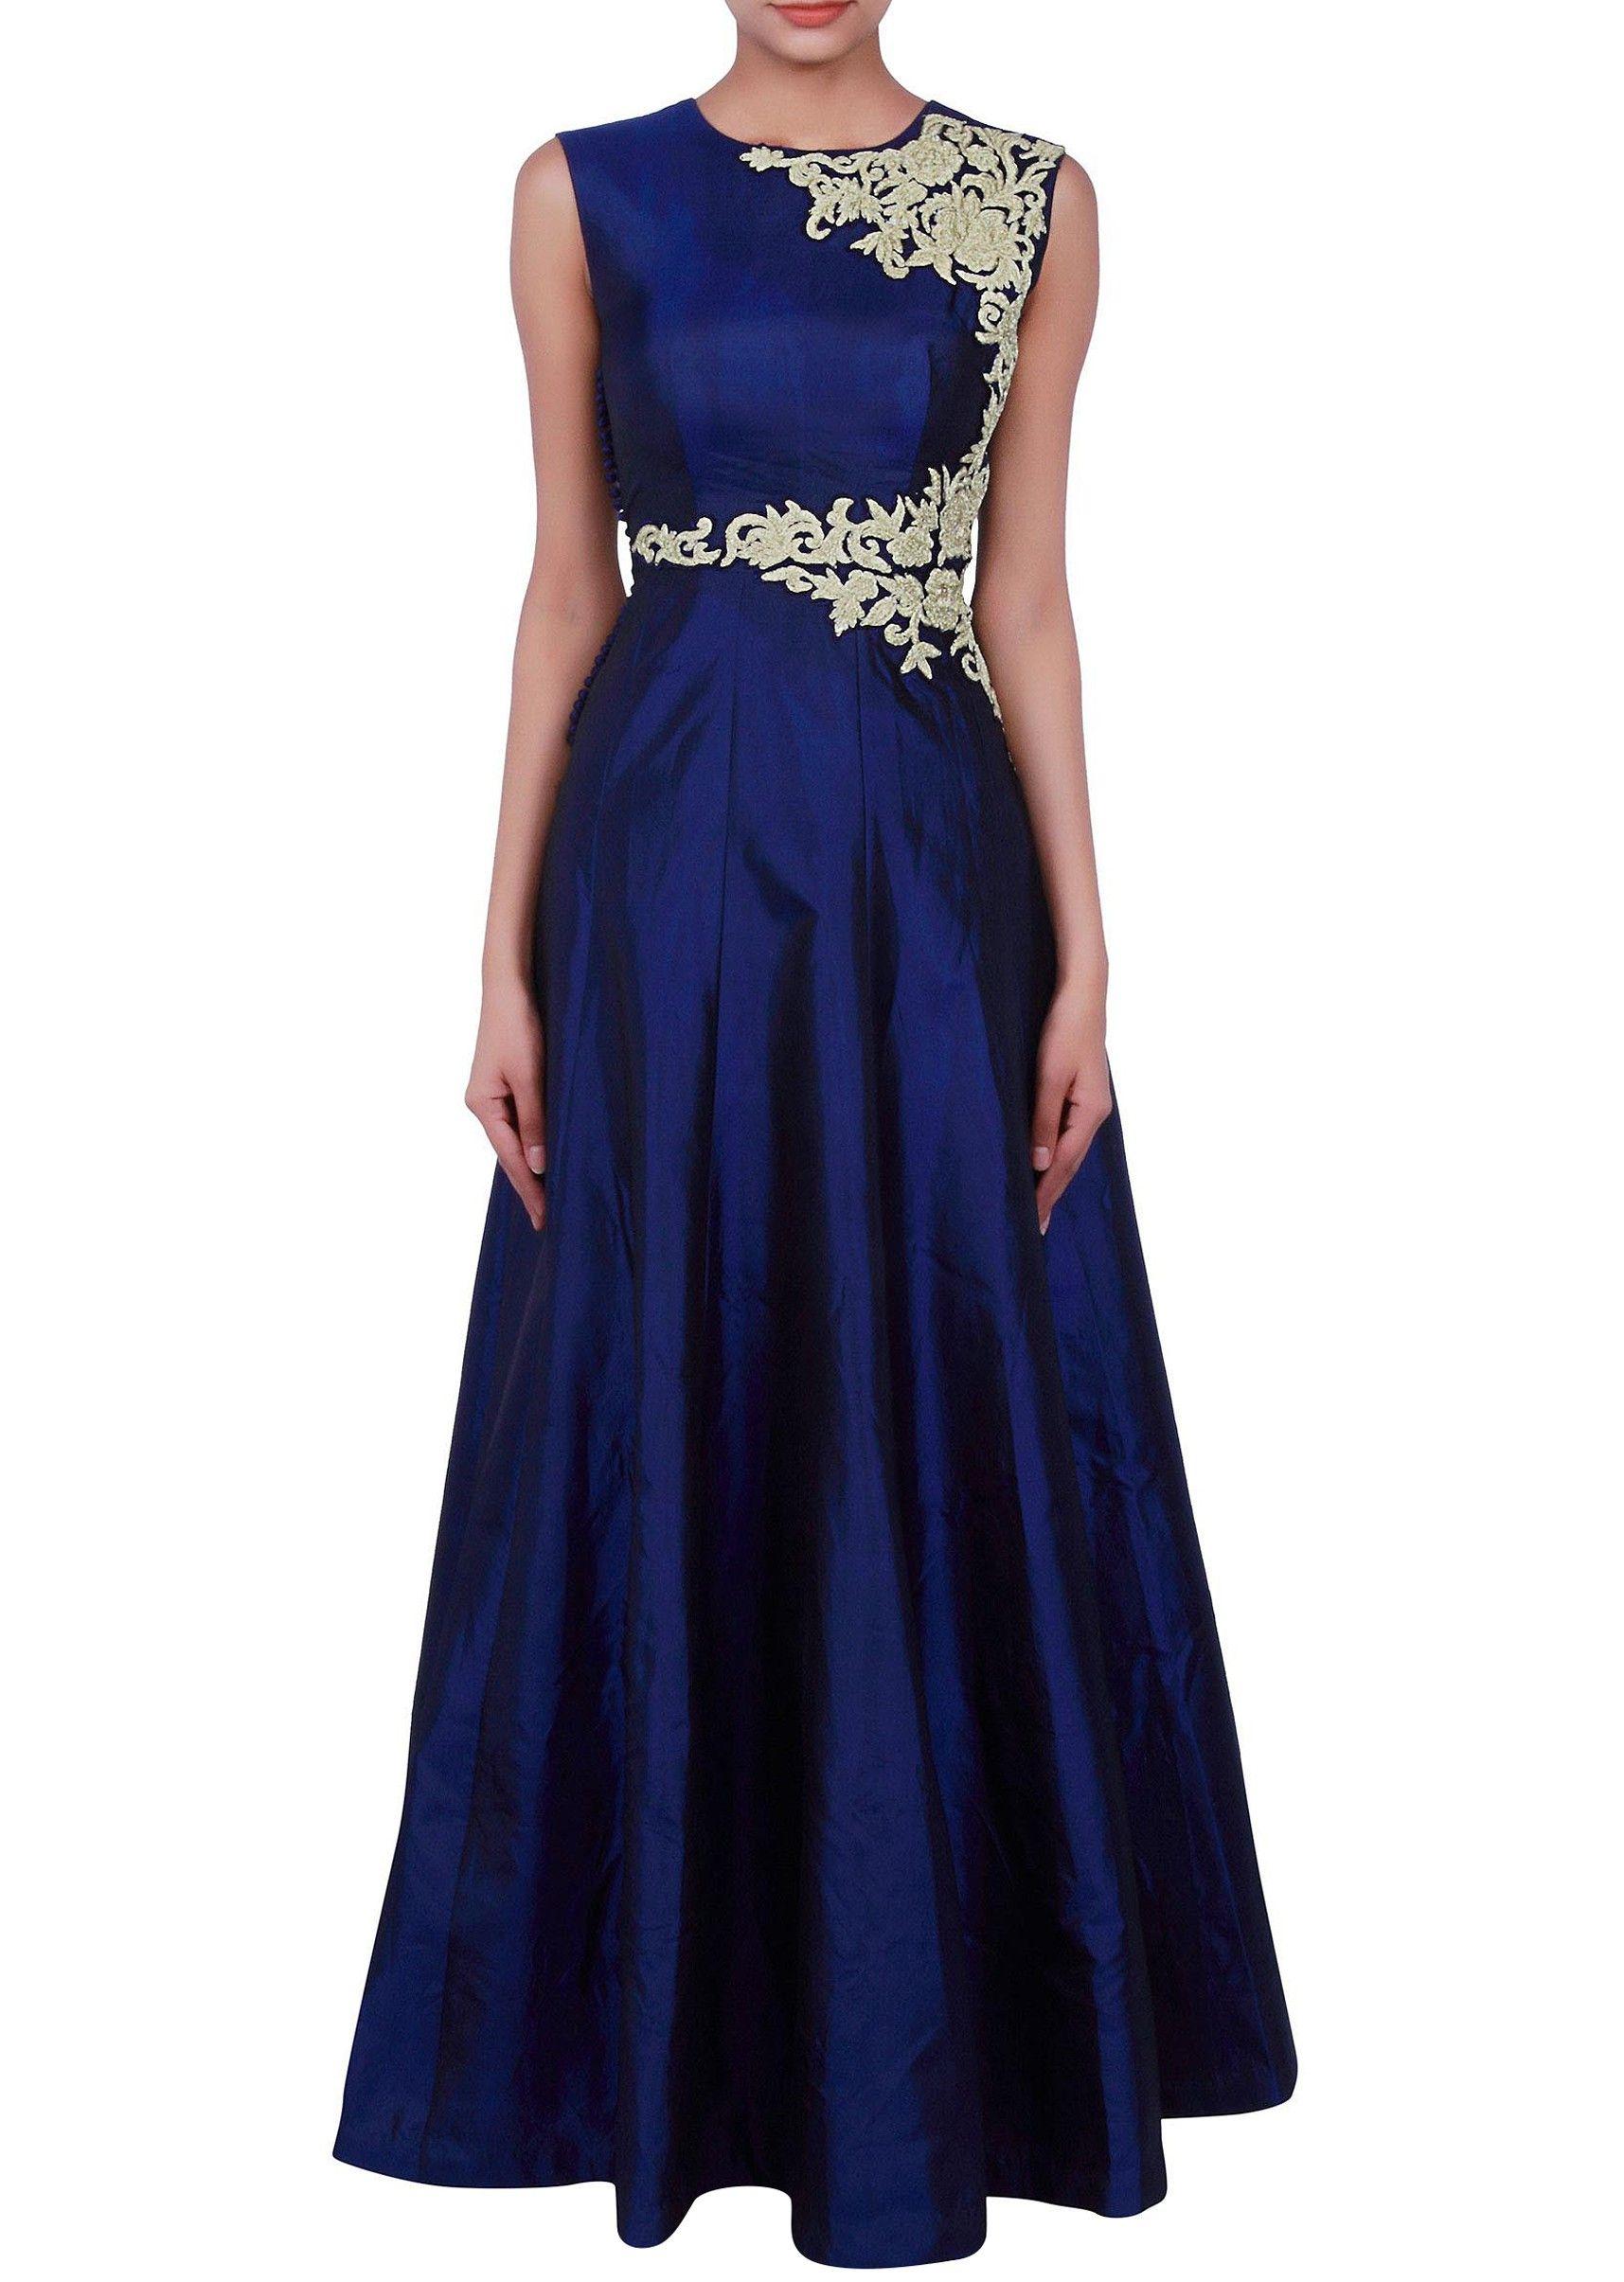 Raw Silk Dark Blue Prom Dress